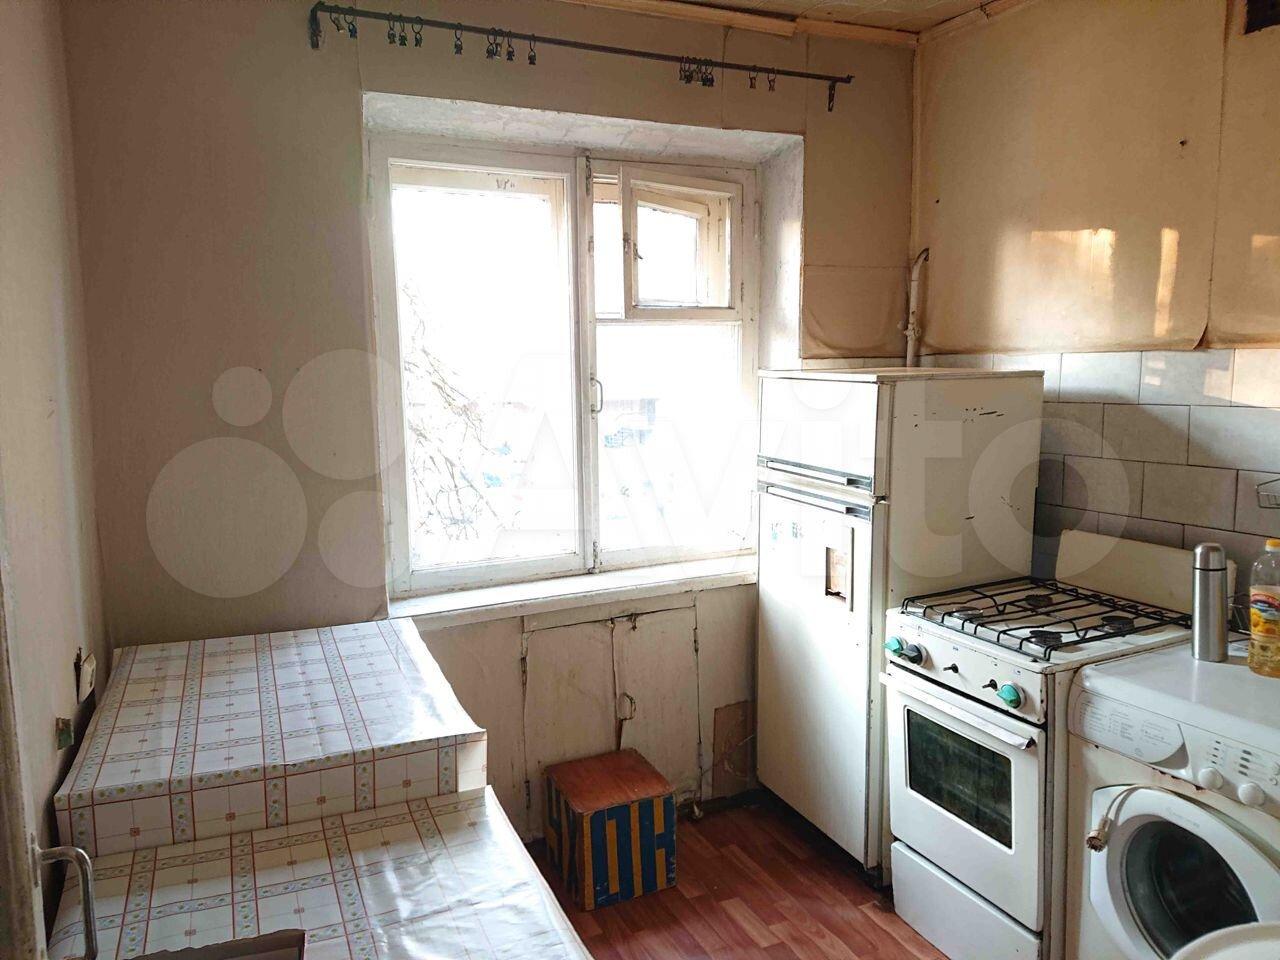 2-к квартира, 41.7 м², 2/5 эт.  89813505133 купить 4